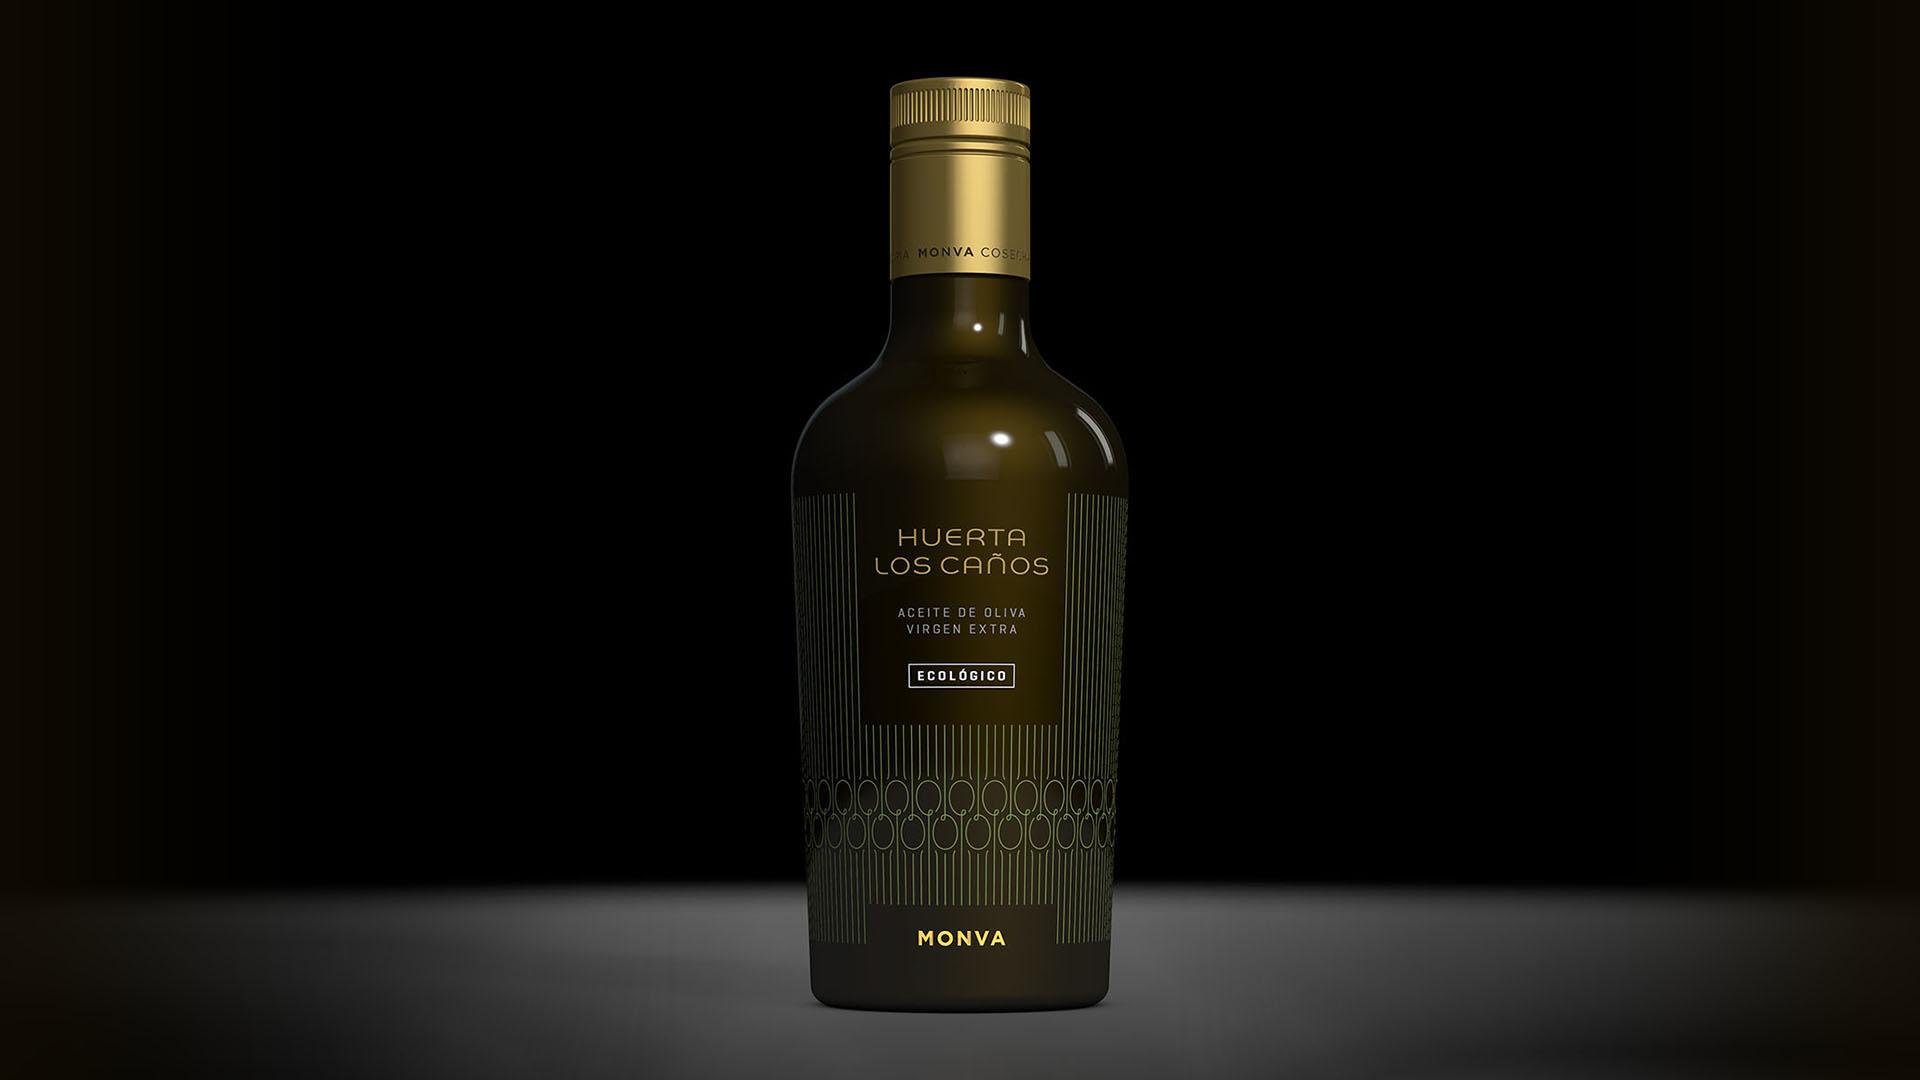 Botella AOVE Huerta los Caños